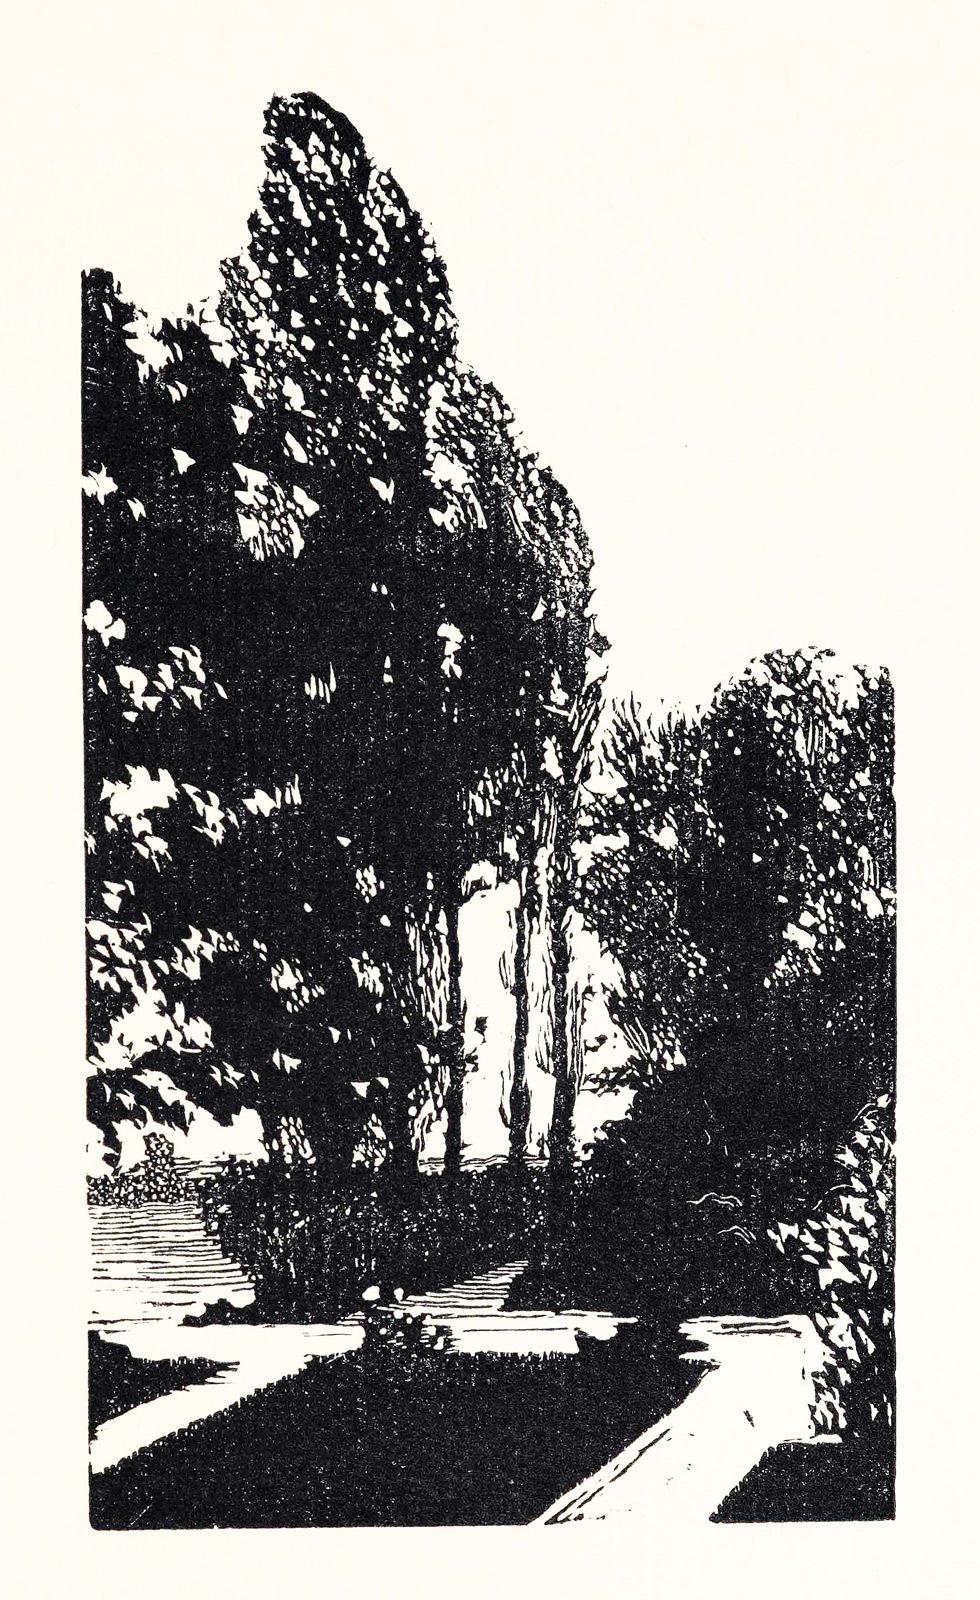 Черно-белая графика знаменитых художников, фото № 38